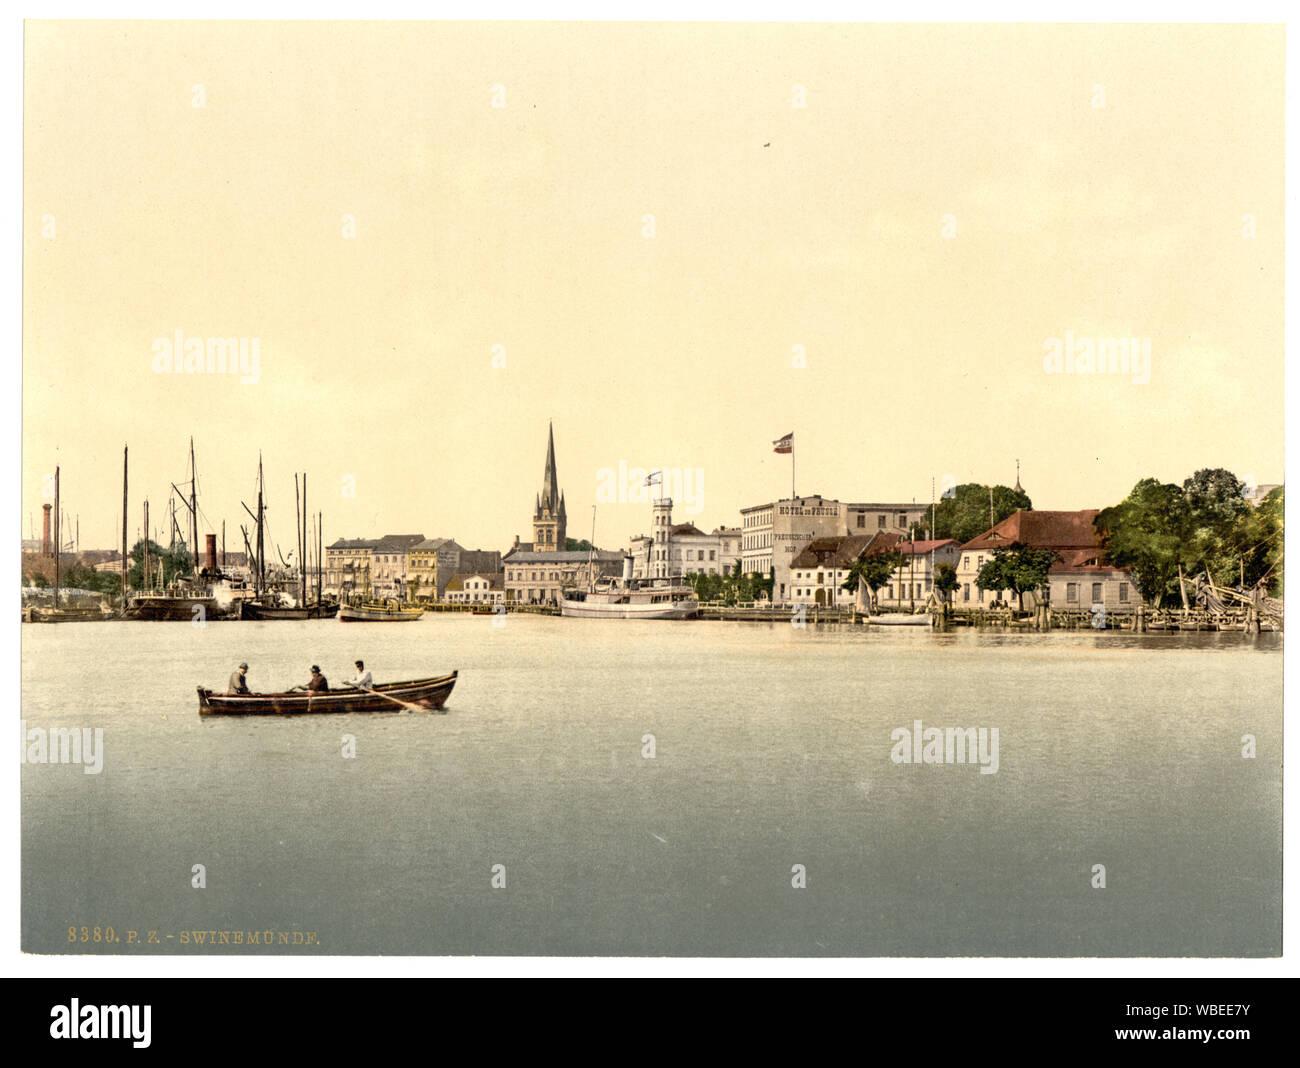 From new lighthouse, Swinemunde, Pomerania, Germany (i.e., Świnoujście, Poland) Stock Photo